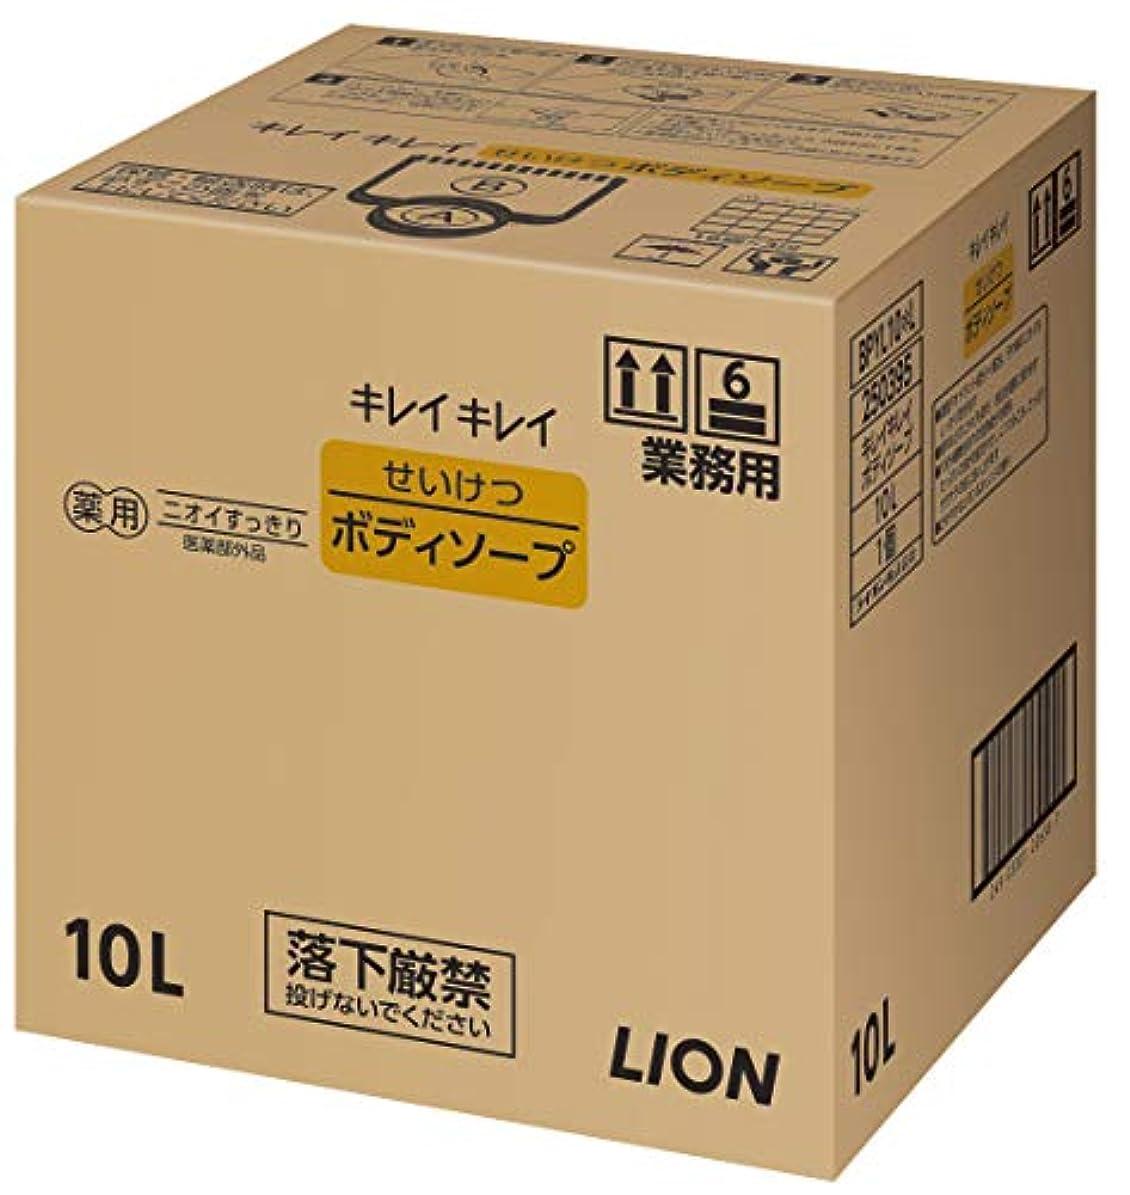 驚きがっかりしたで出来ているキレイキレイ せいけつボディソープ さわやかなレモン&オレンジの香り 業務用 10L